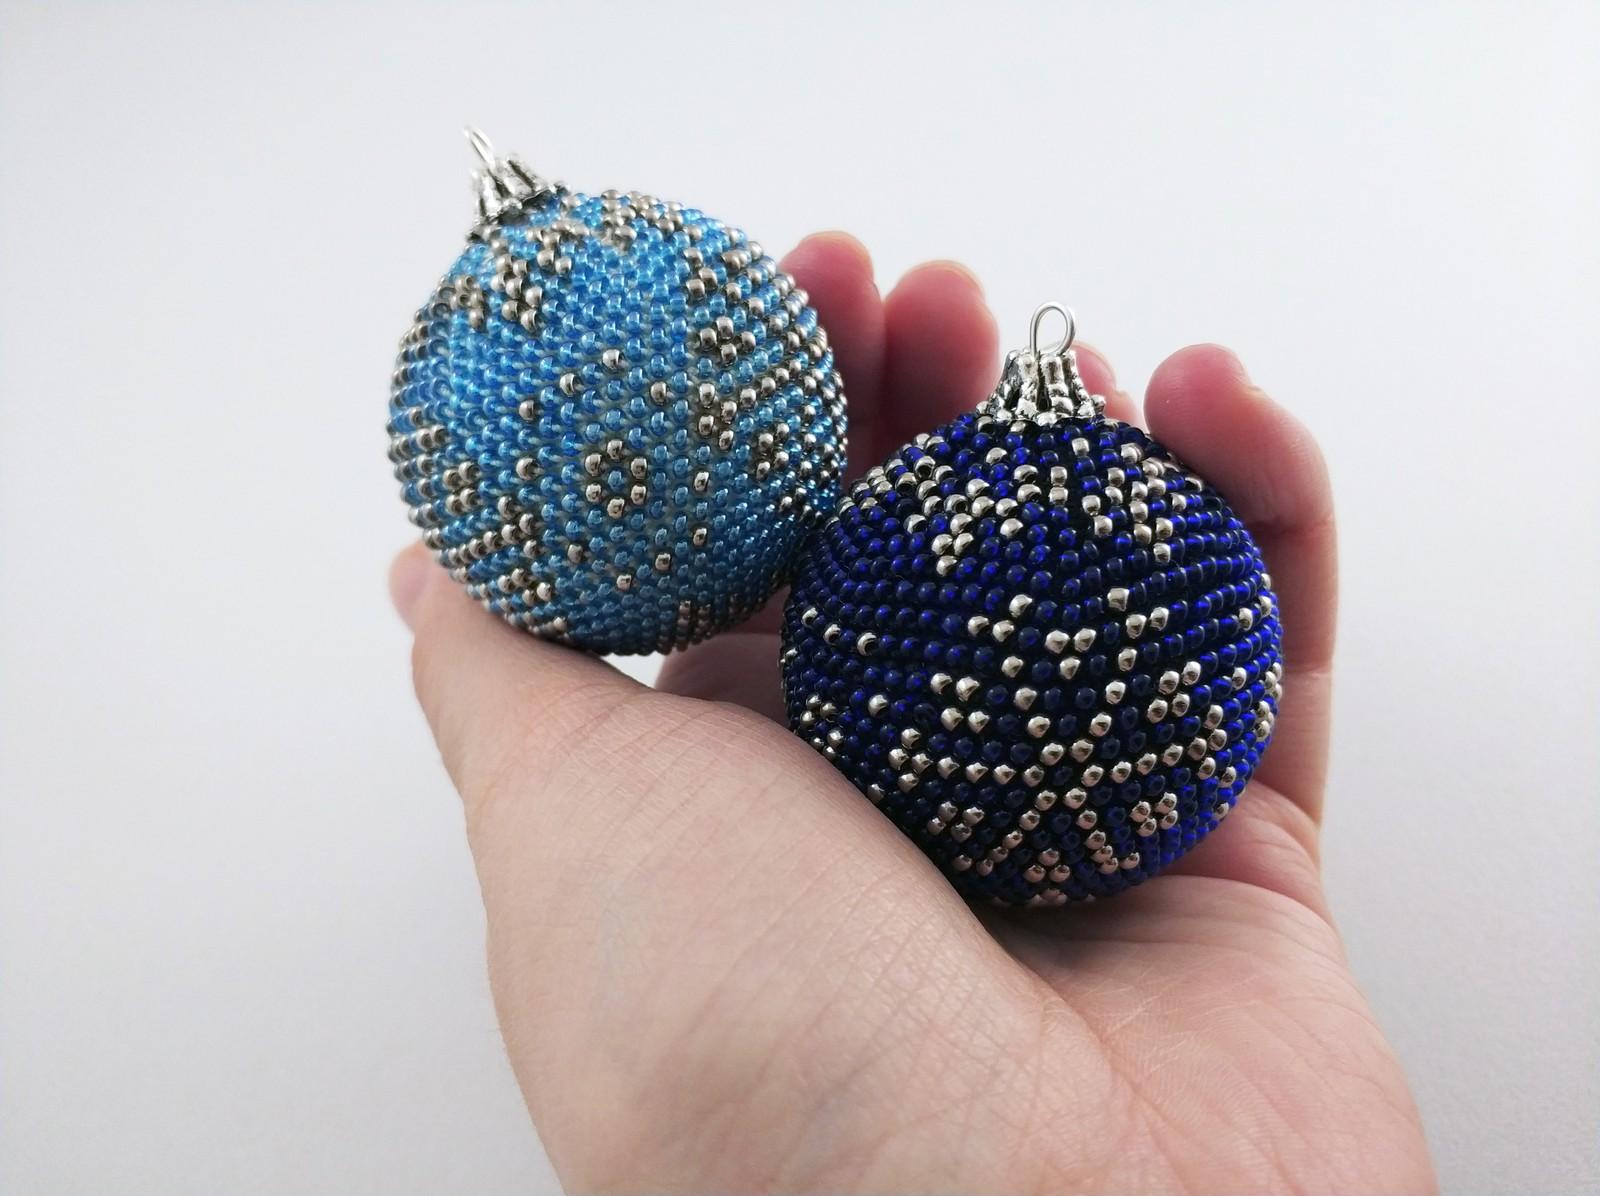 как сделать новогодний шарик из бисера как это сделано